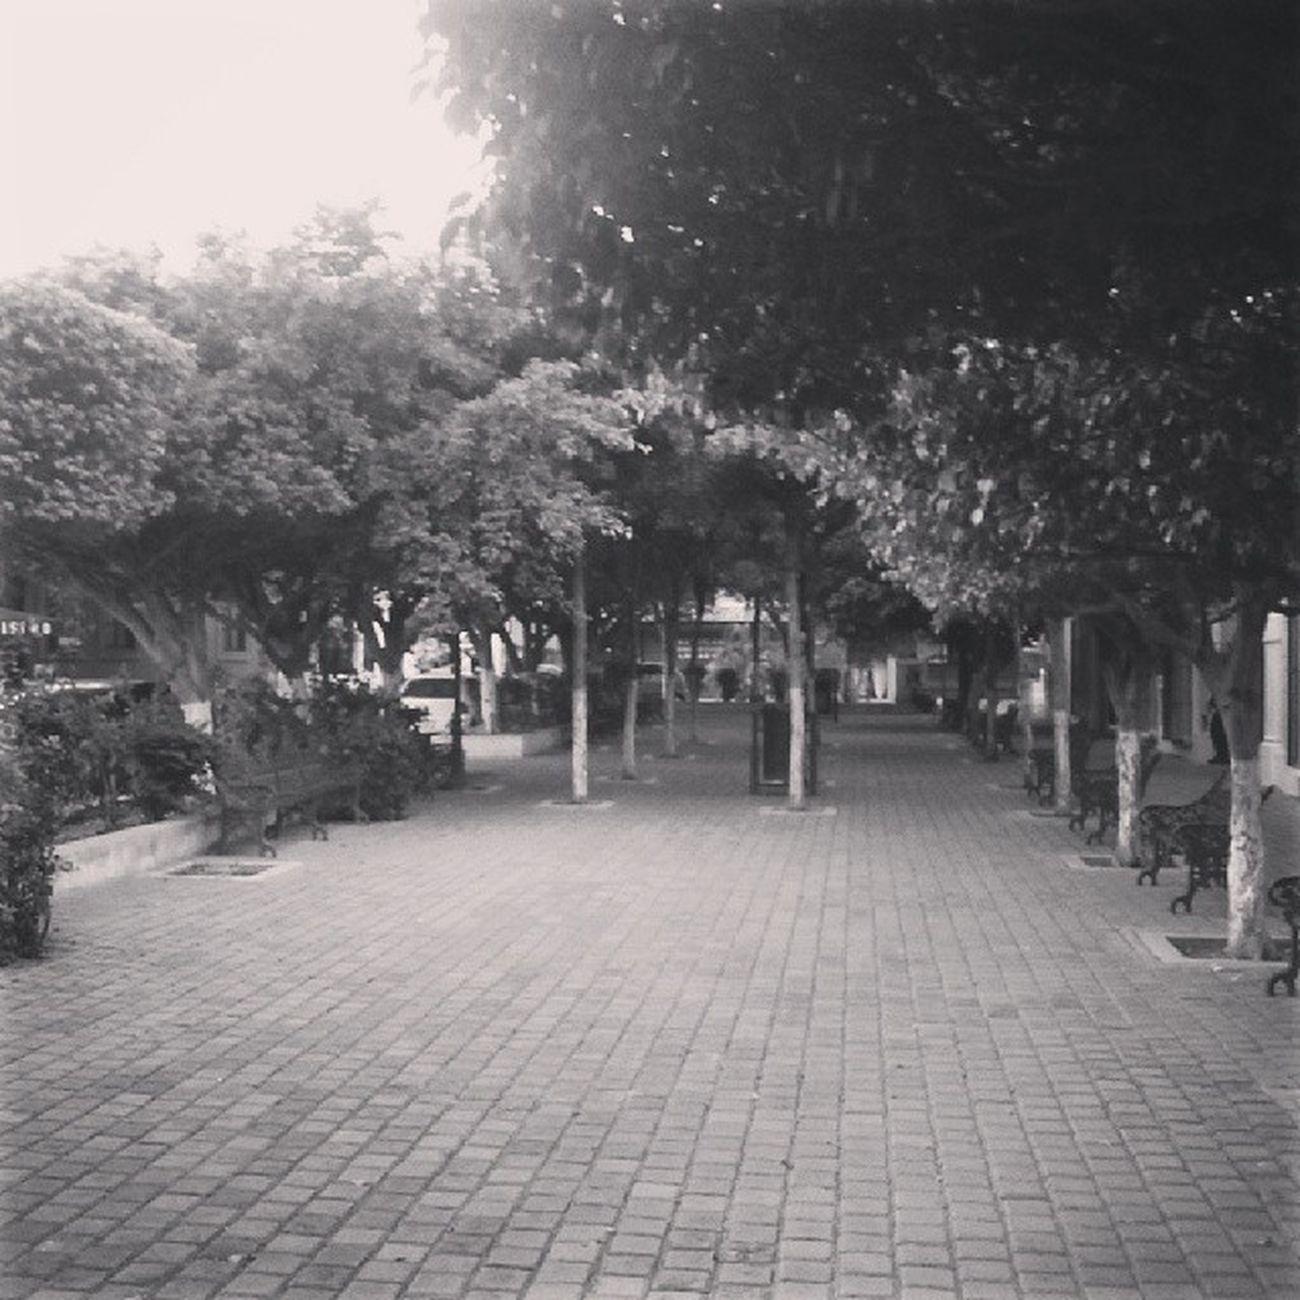 PassingBy Centro Instagram Caminando MuchosHashtags